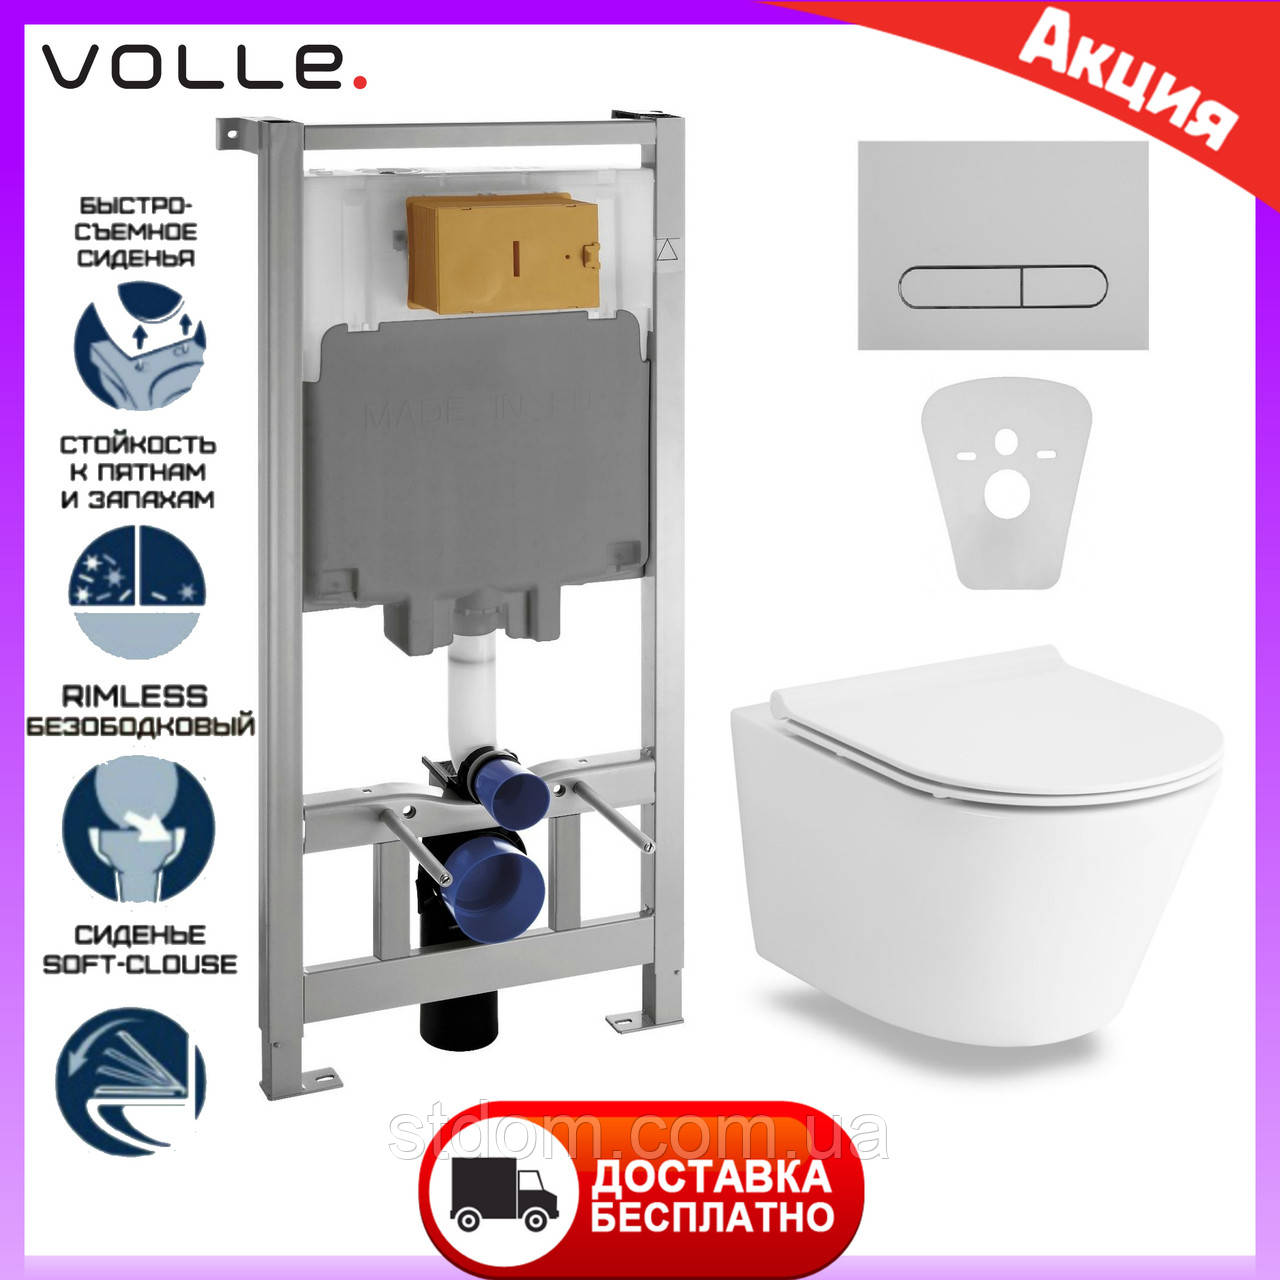 Підвісний унітаз Volle Nemo Rectangular c сидінням Slim slow-closing 13-17-316 + інсталяція Volle Master 3 в 1